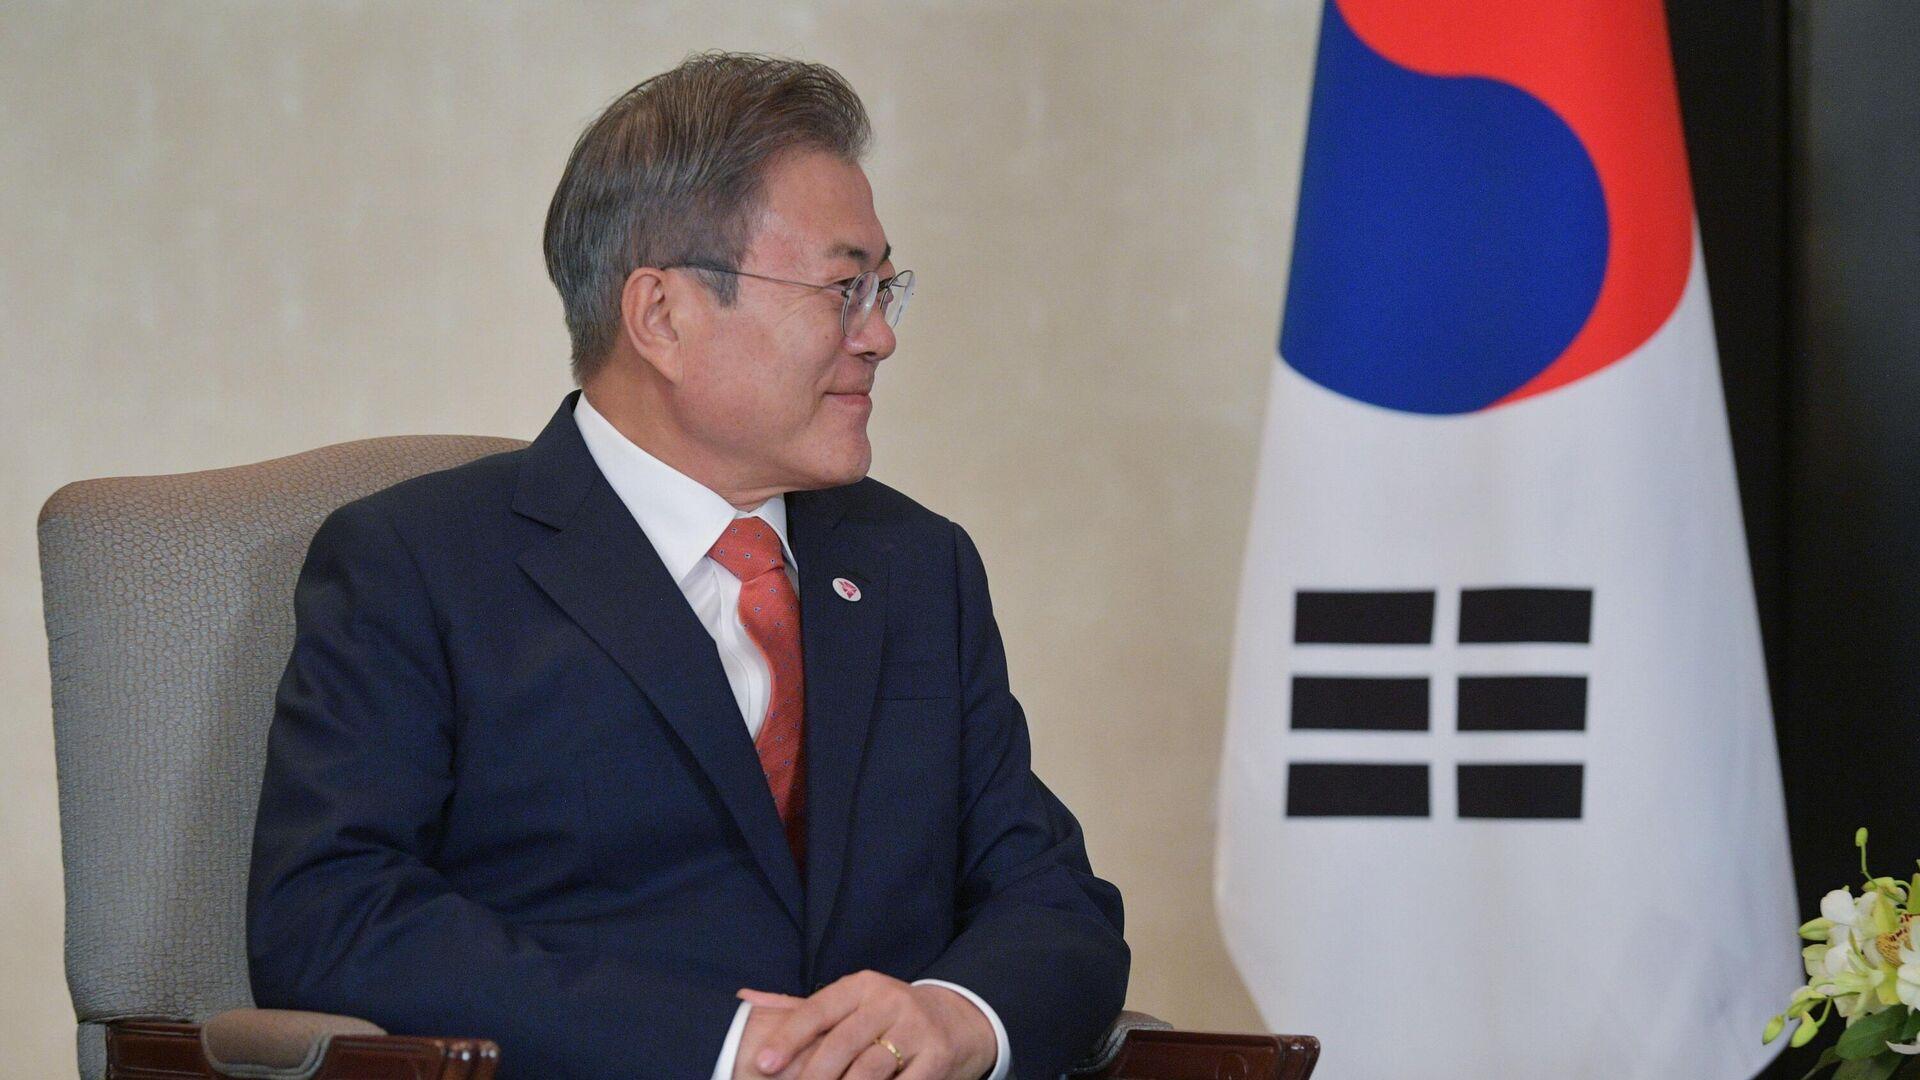 კორეის პრეზიდენტი მუნ ჩჟე ინი - Sputnik საქართველო, 1920, 28.09.2021